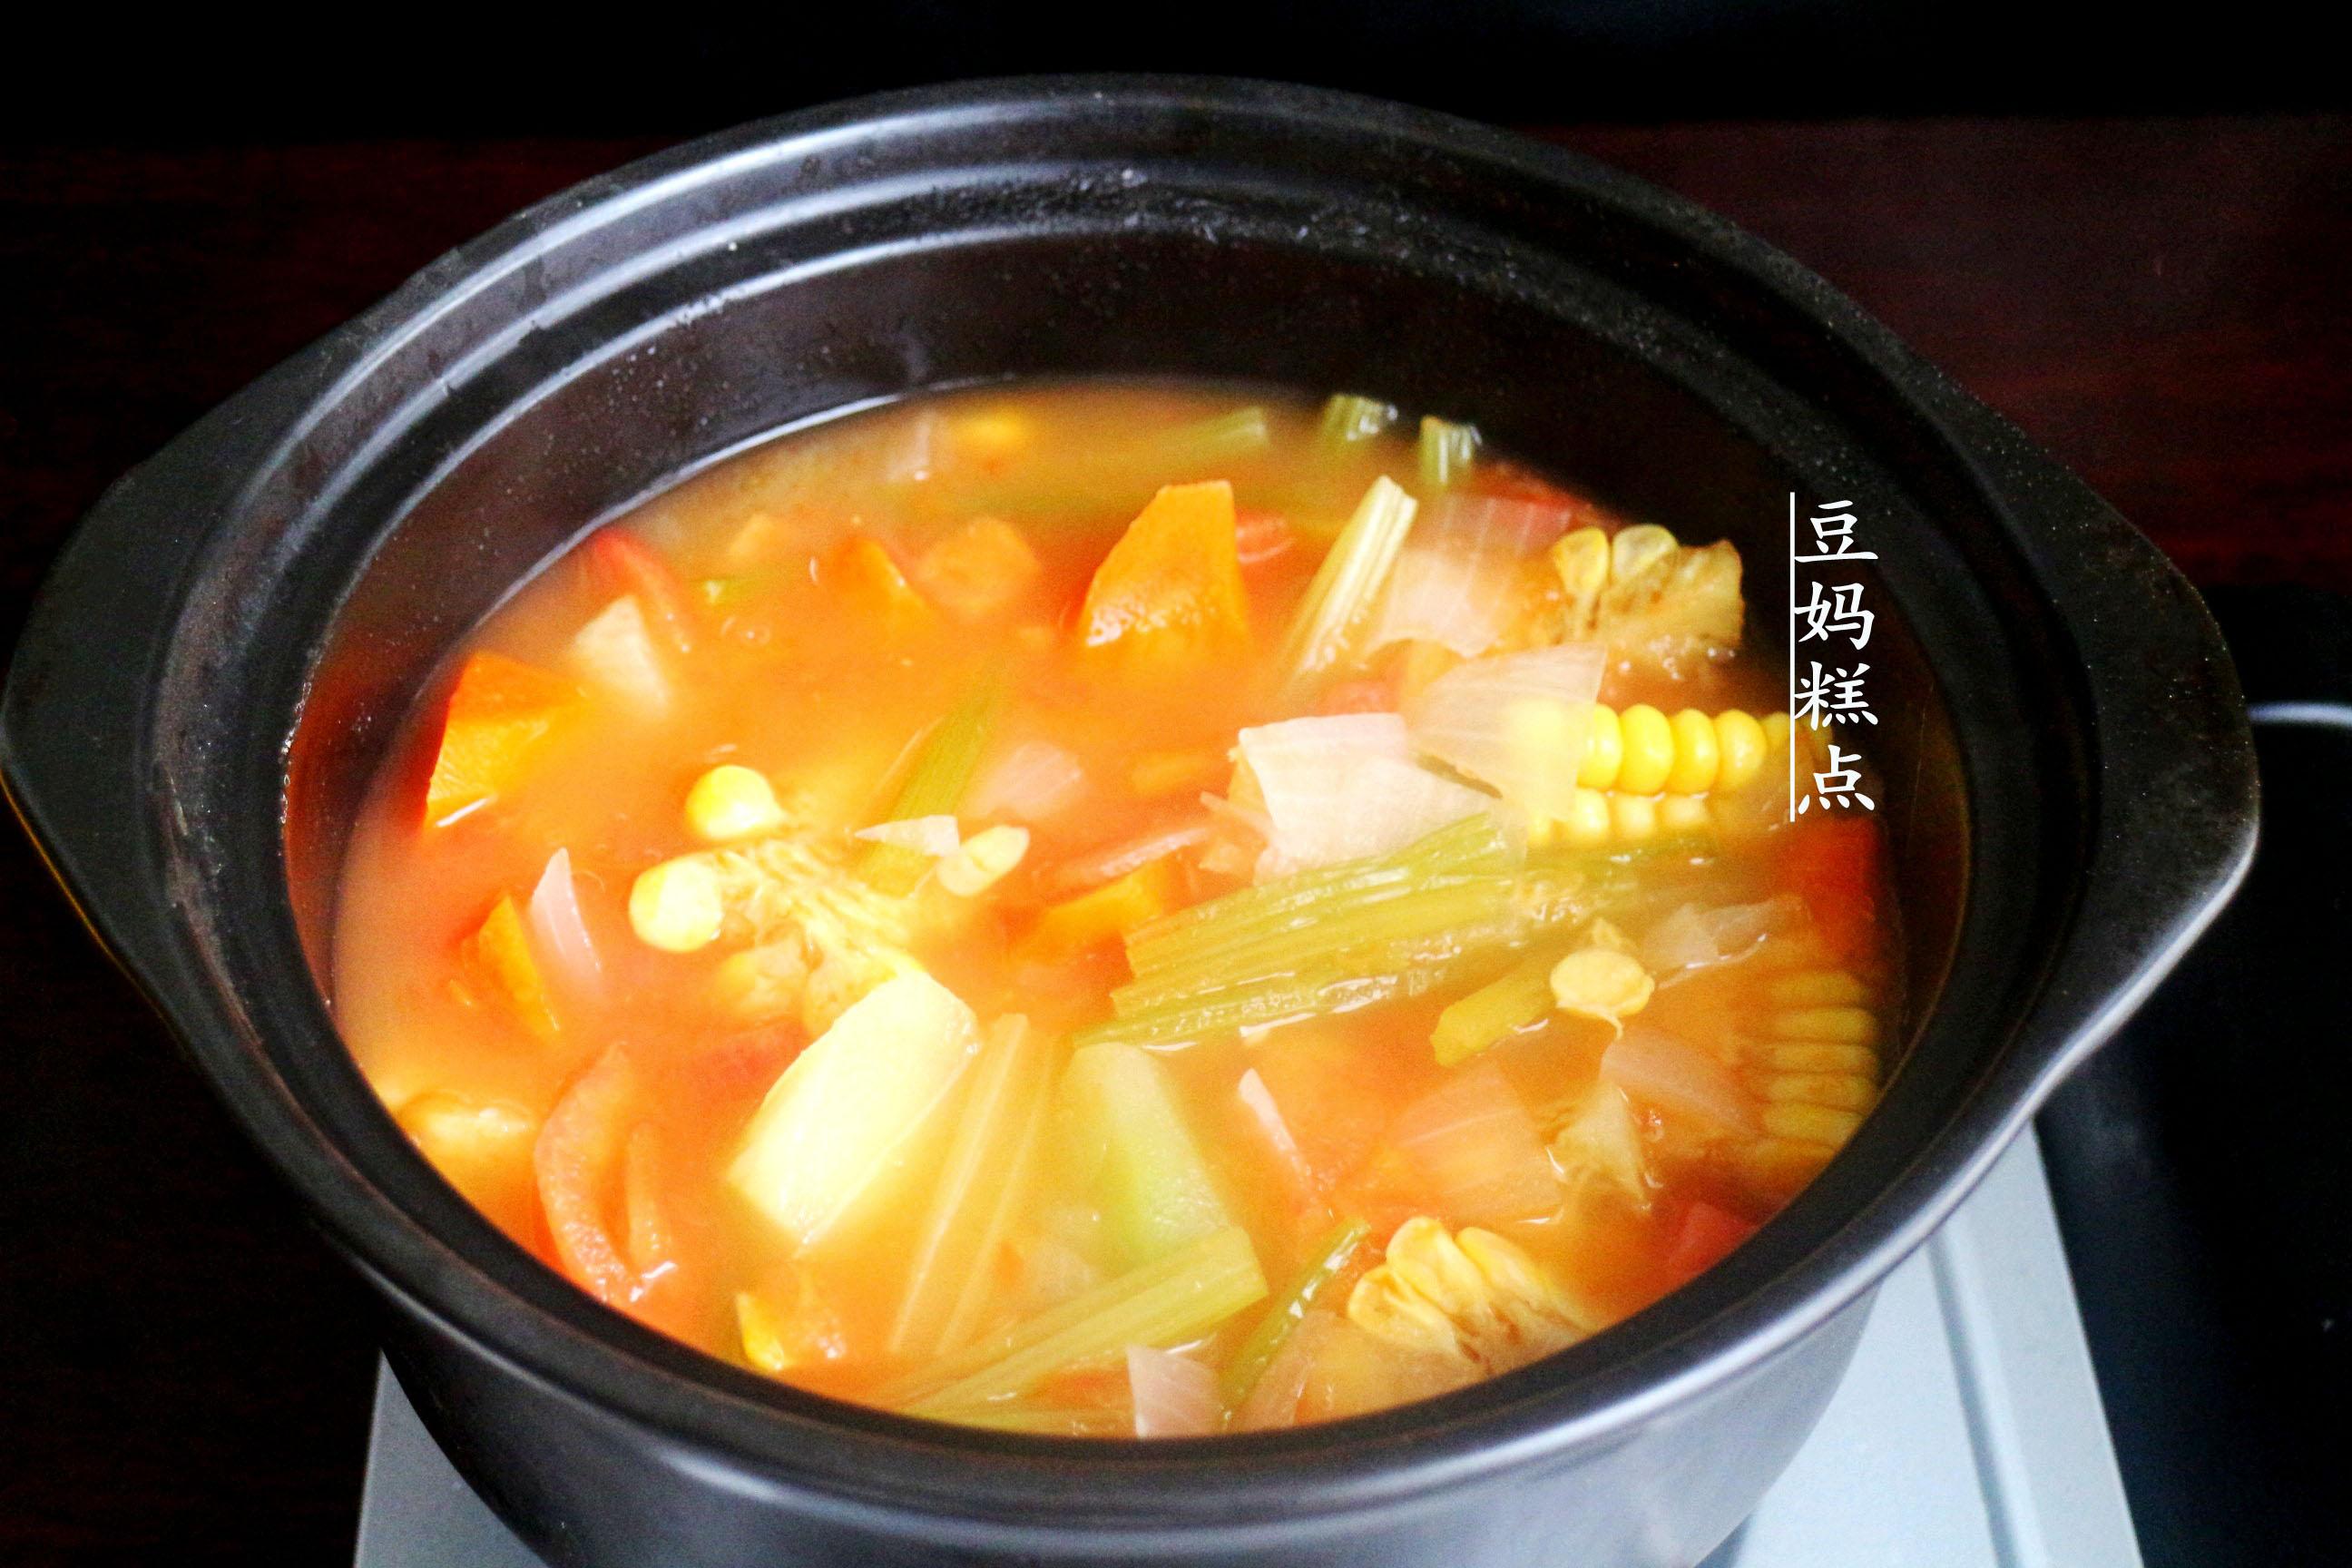 学做瘦身蔬菜汤,健康瘦身,营养不缺 减肥菜谱 第9张